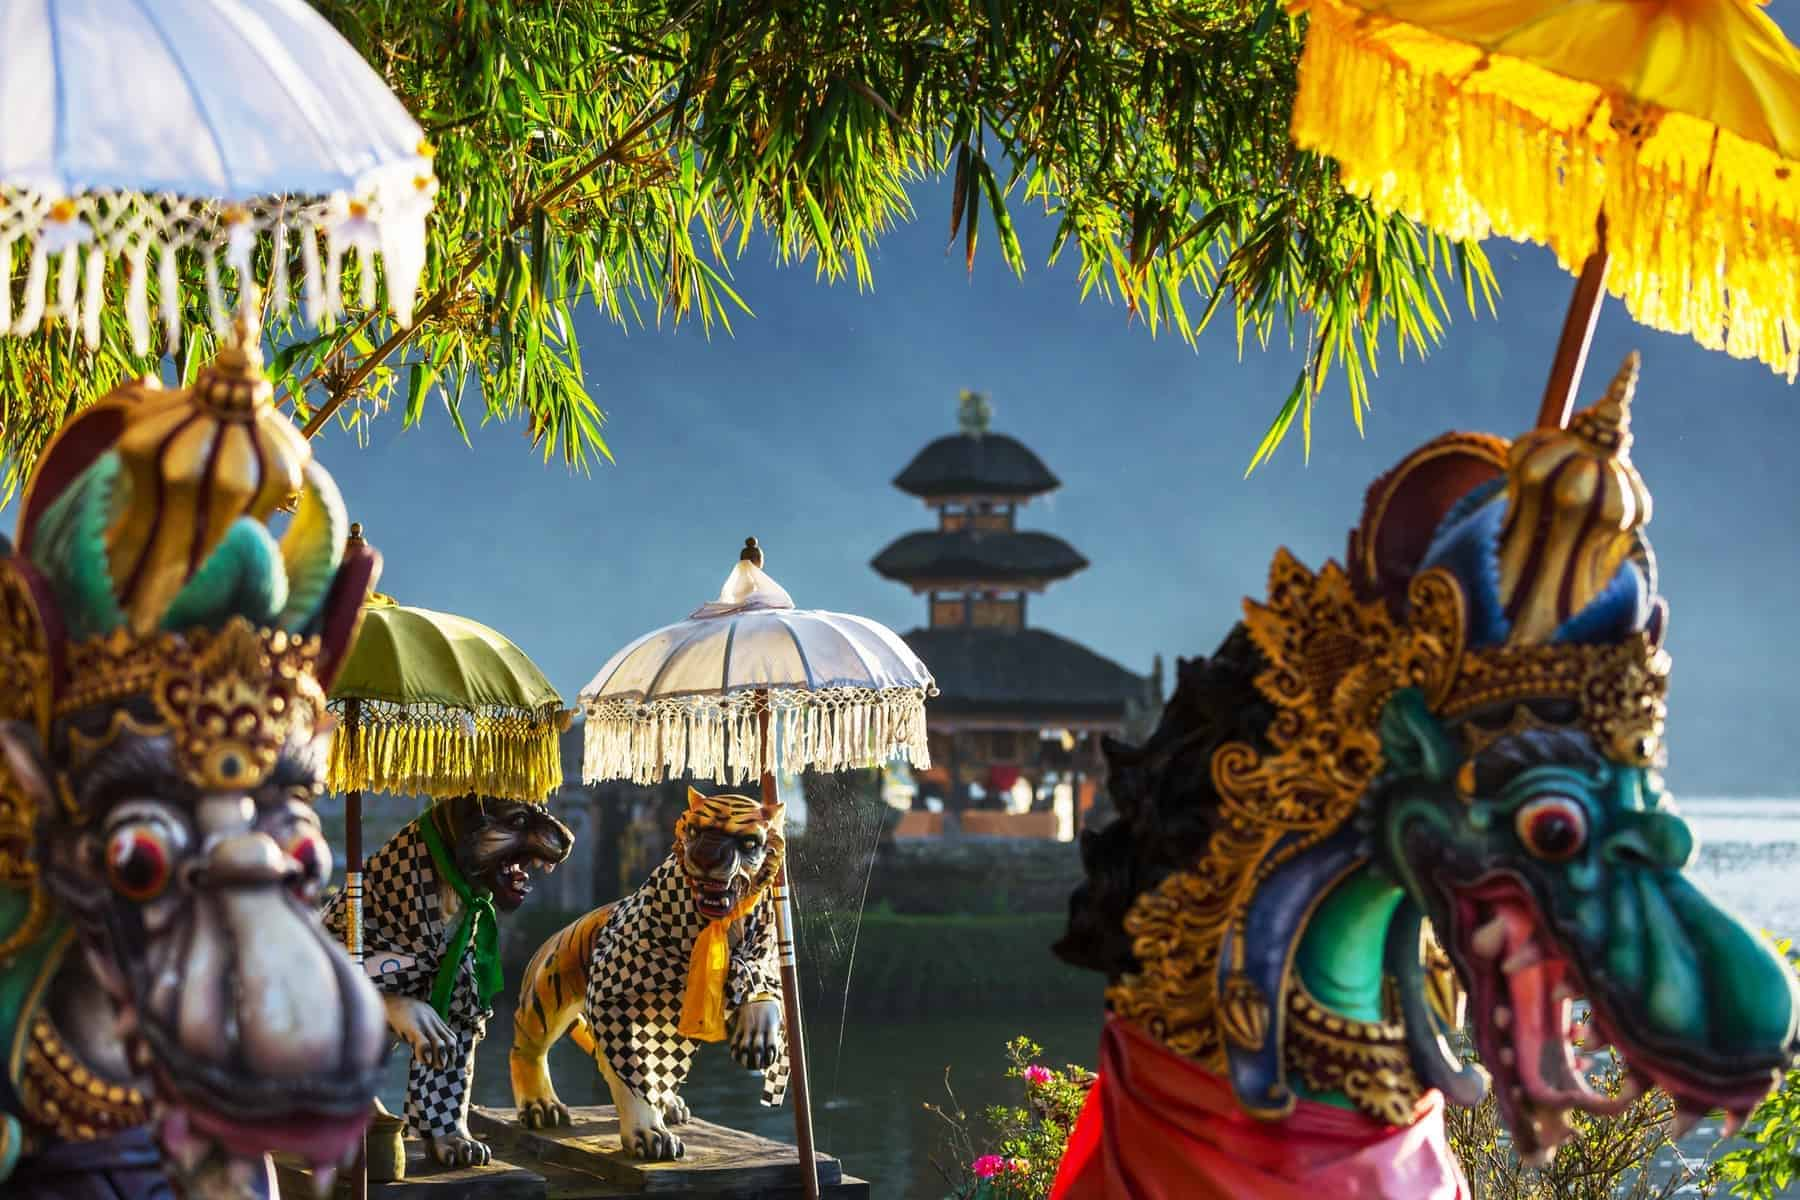 Pura Ulun Danu tempel, Bali, Indonesien